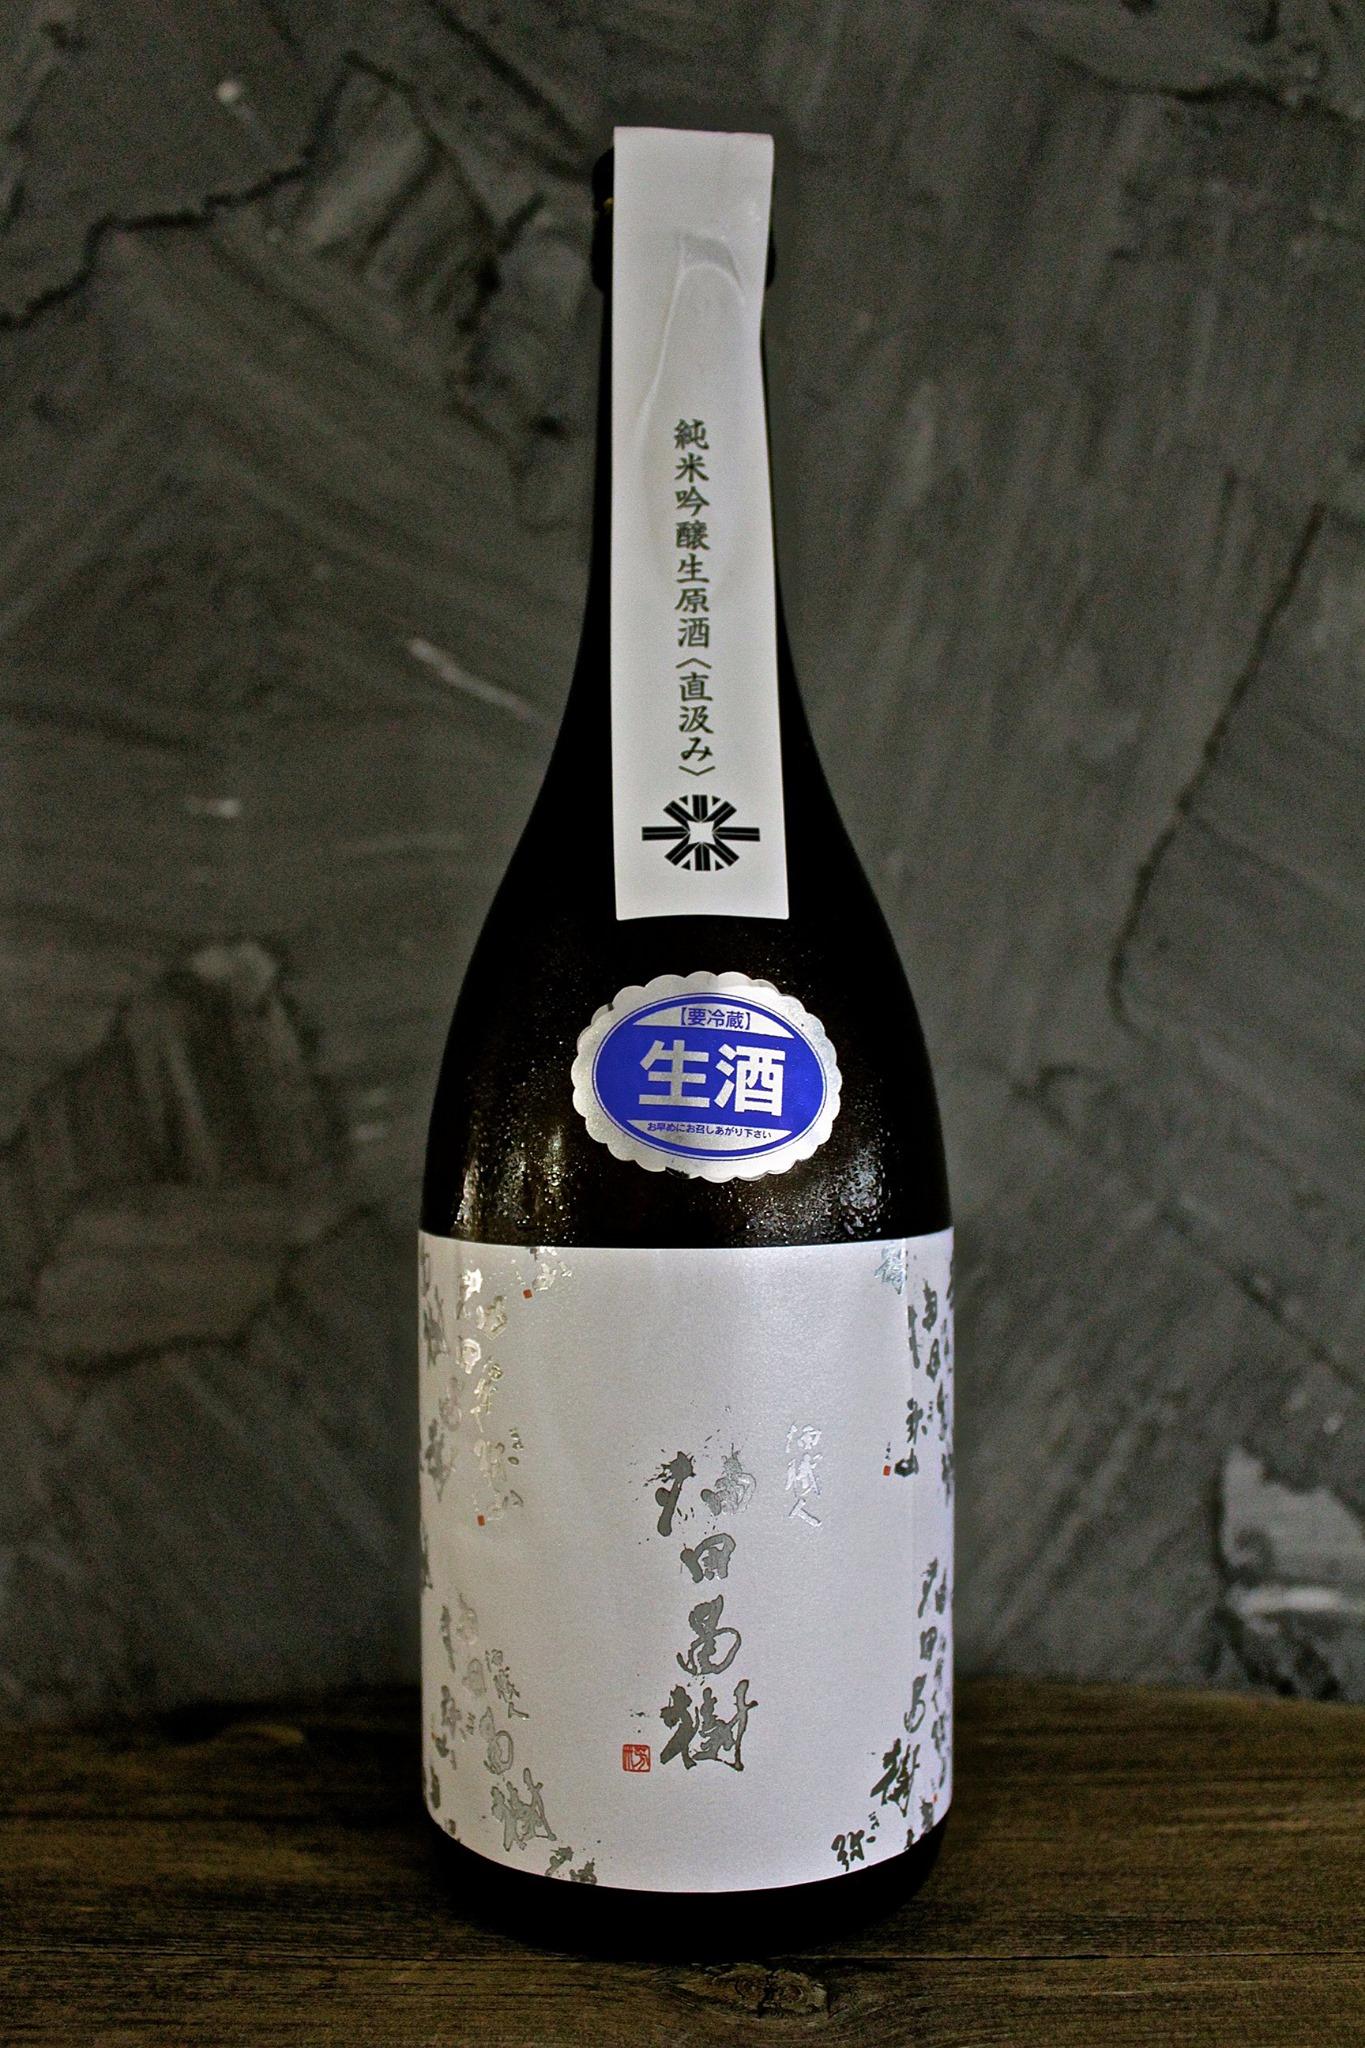 【 広島県 】   山廃仕込純米生原酒酒   【 一代弥山 酒職人 油田昌樹 】   のラベル デザインを揮毫させていた だきました!